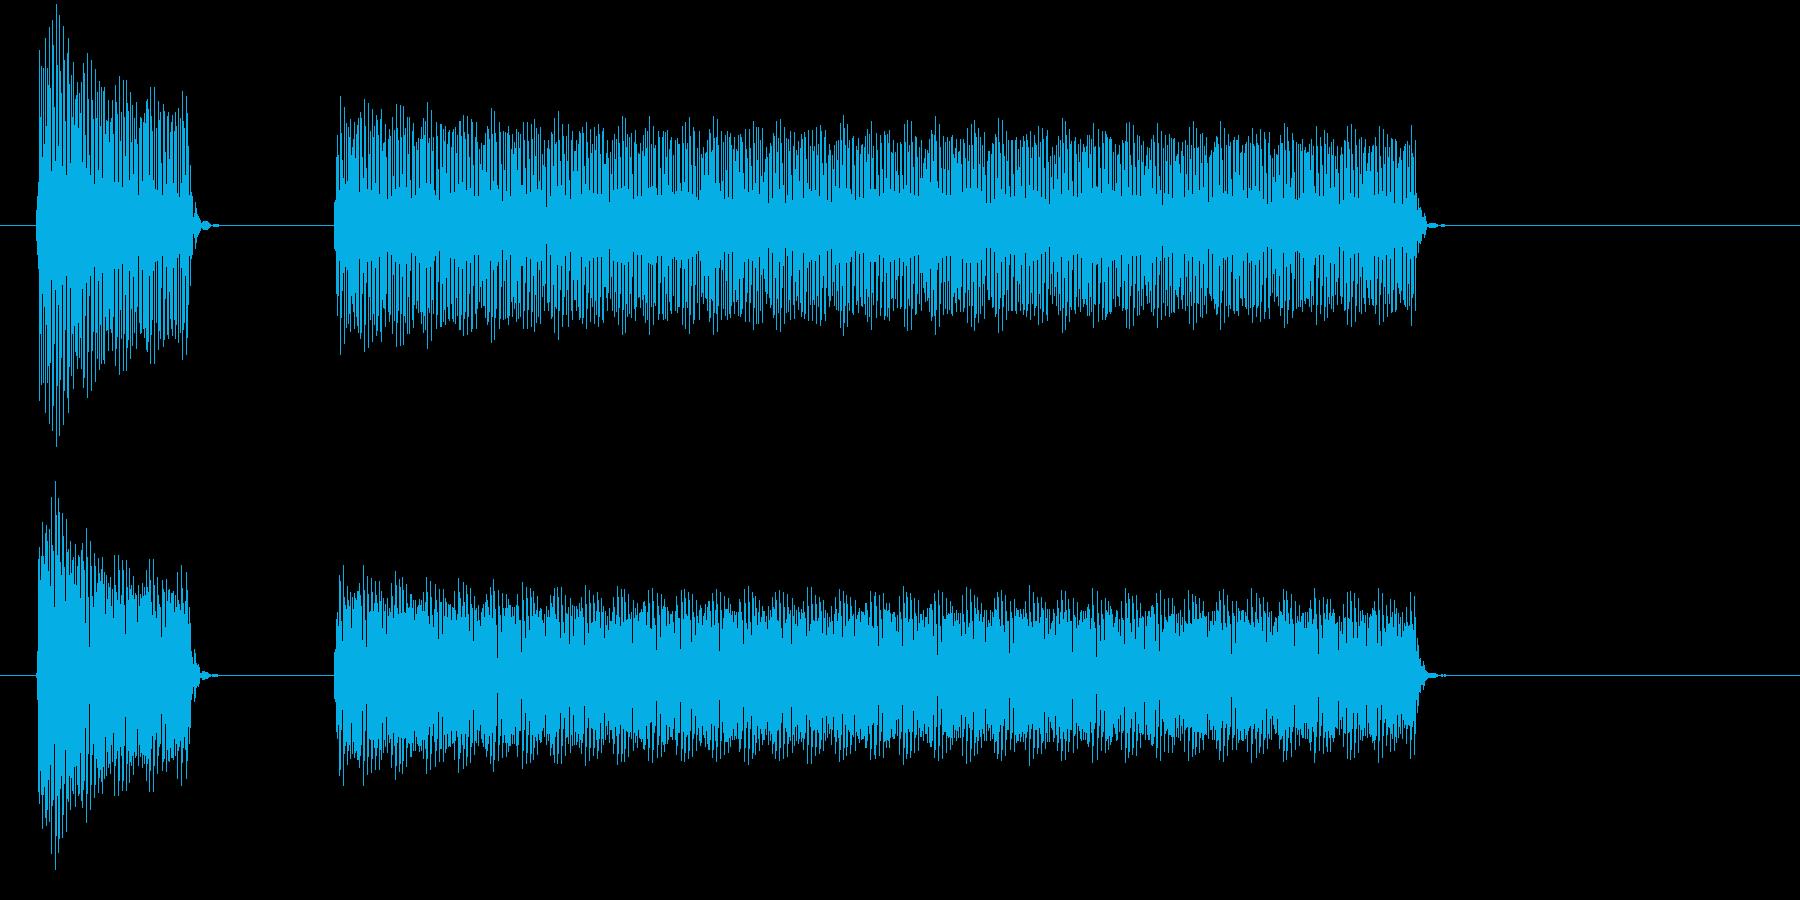 ブブー(クイズ・不正解・ブザー音)01の再生済みの波形